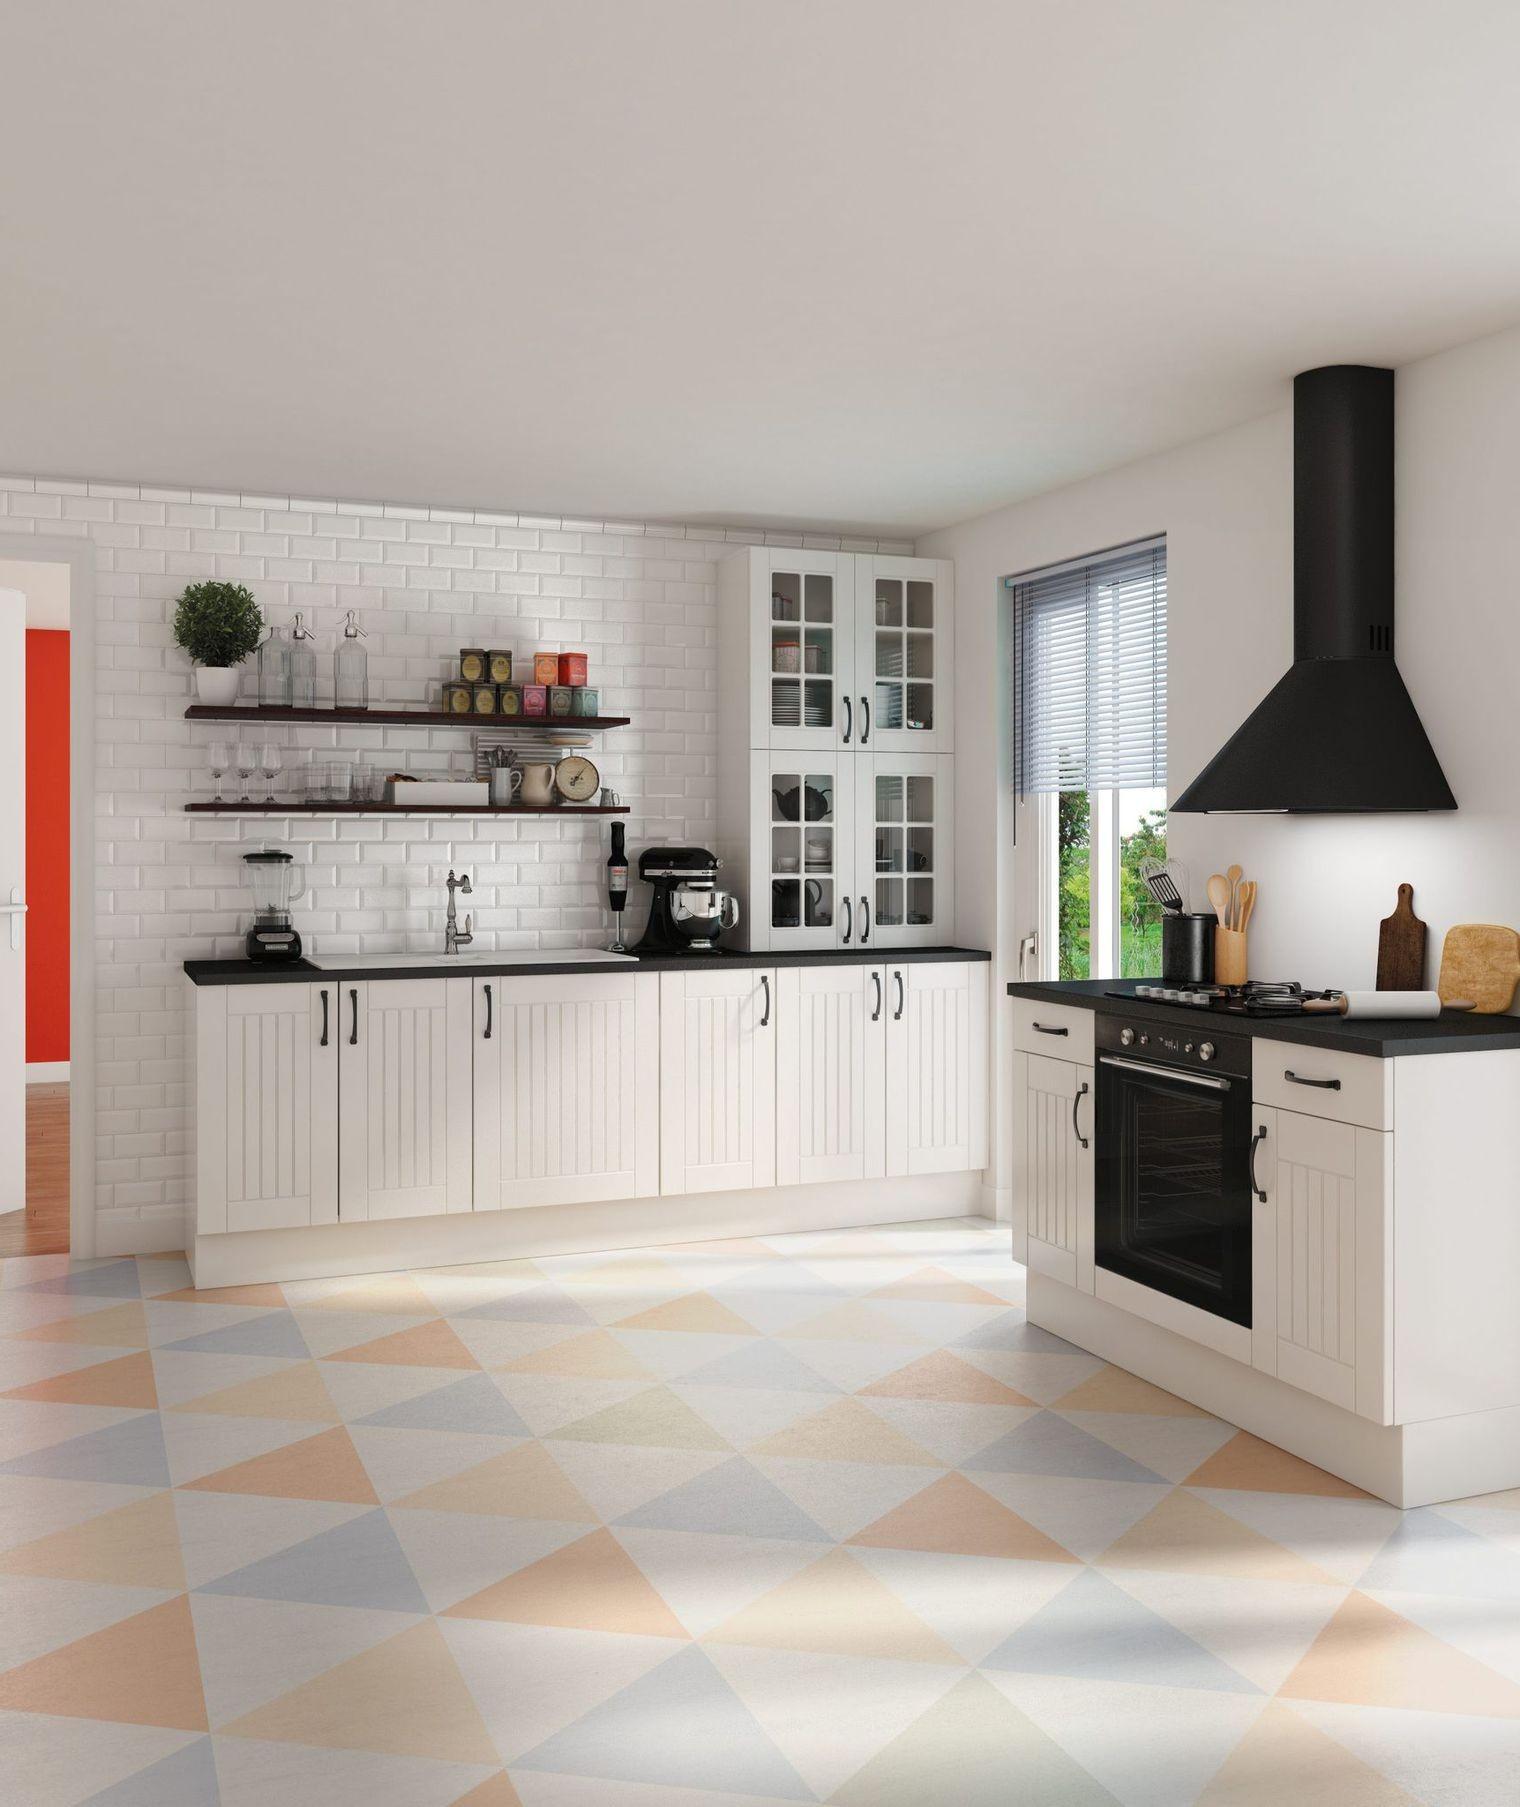 Carrelage pour cuisine blanche carrelage id es de for Carrelage pour cuisine blanche